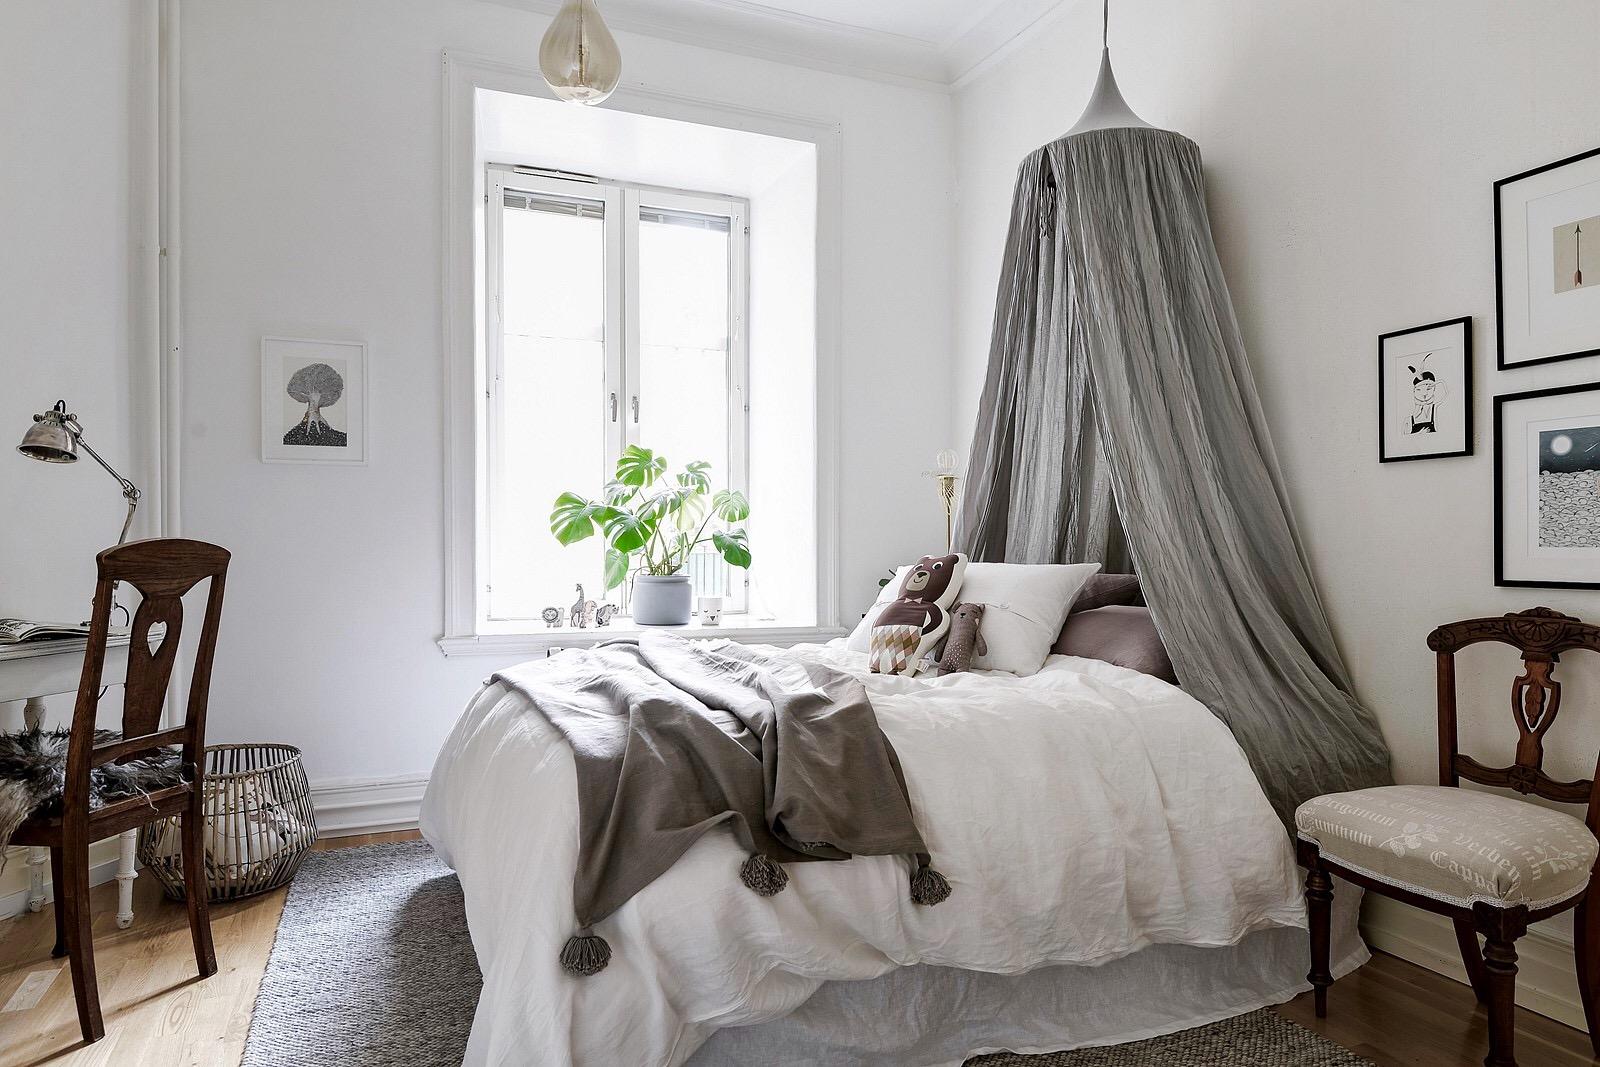 детская спальня кровать полог балдахин